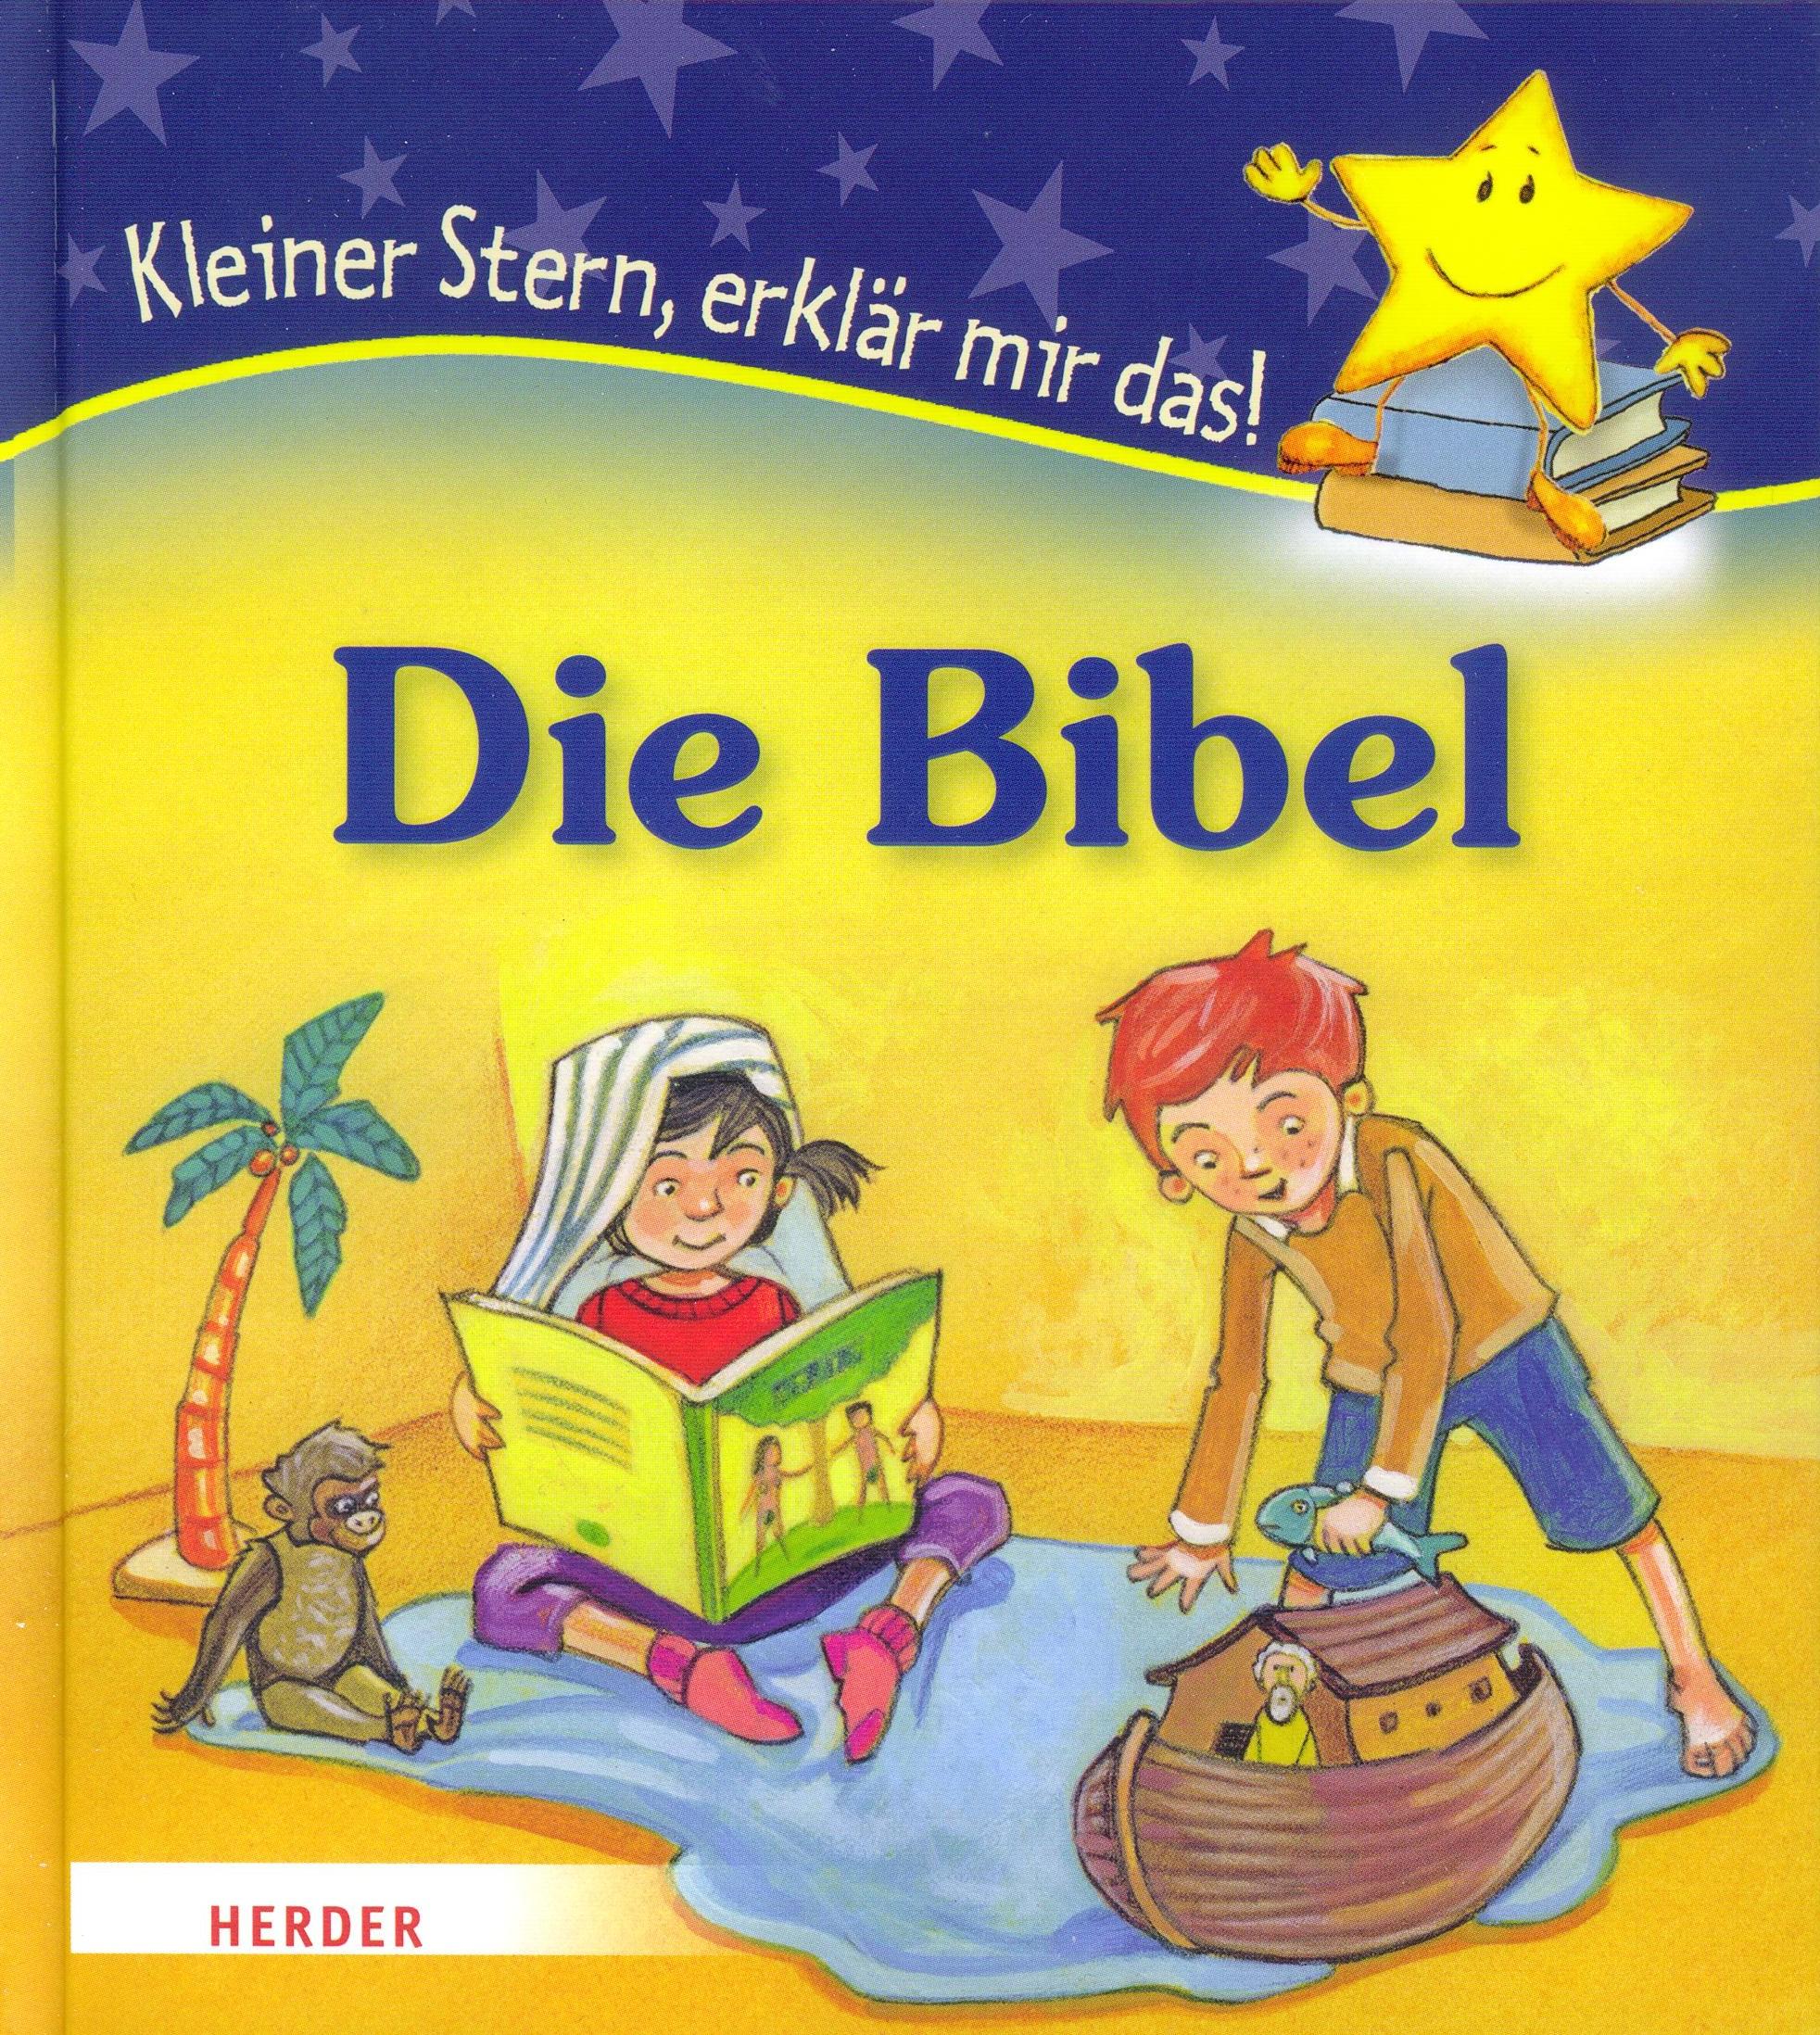 Cover: Kleiner Stern, erklär mir das! Die Bibel